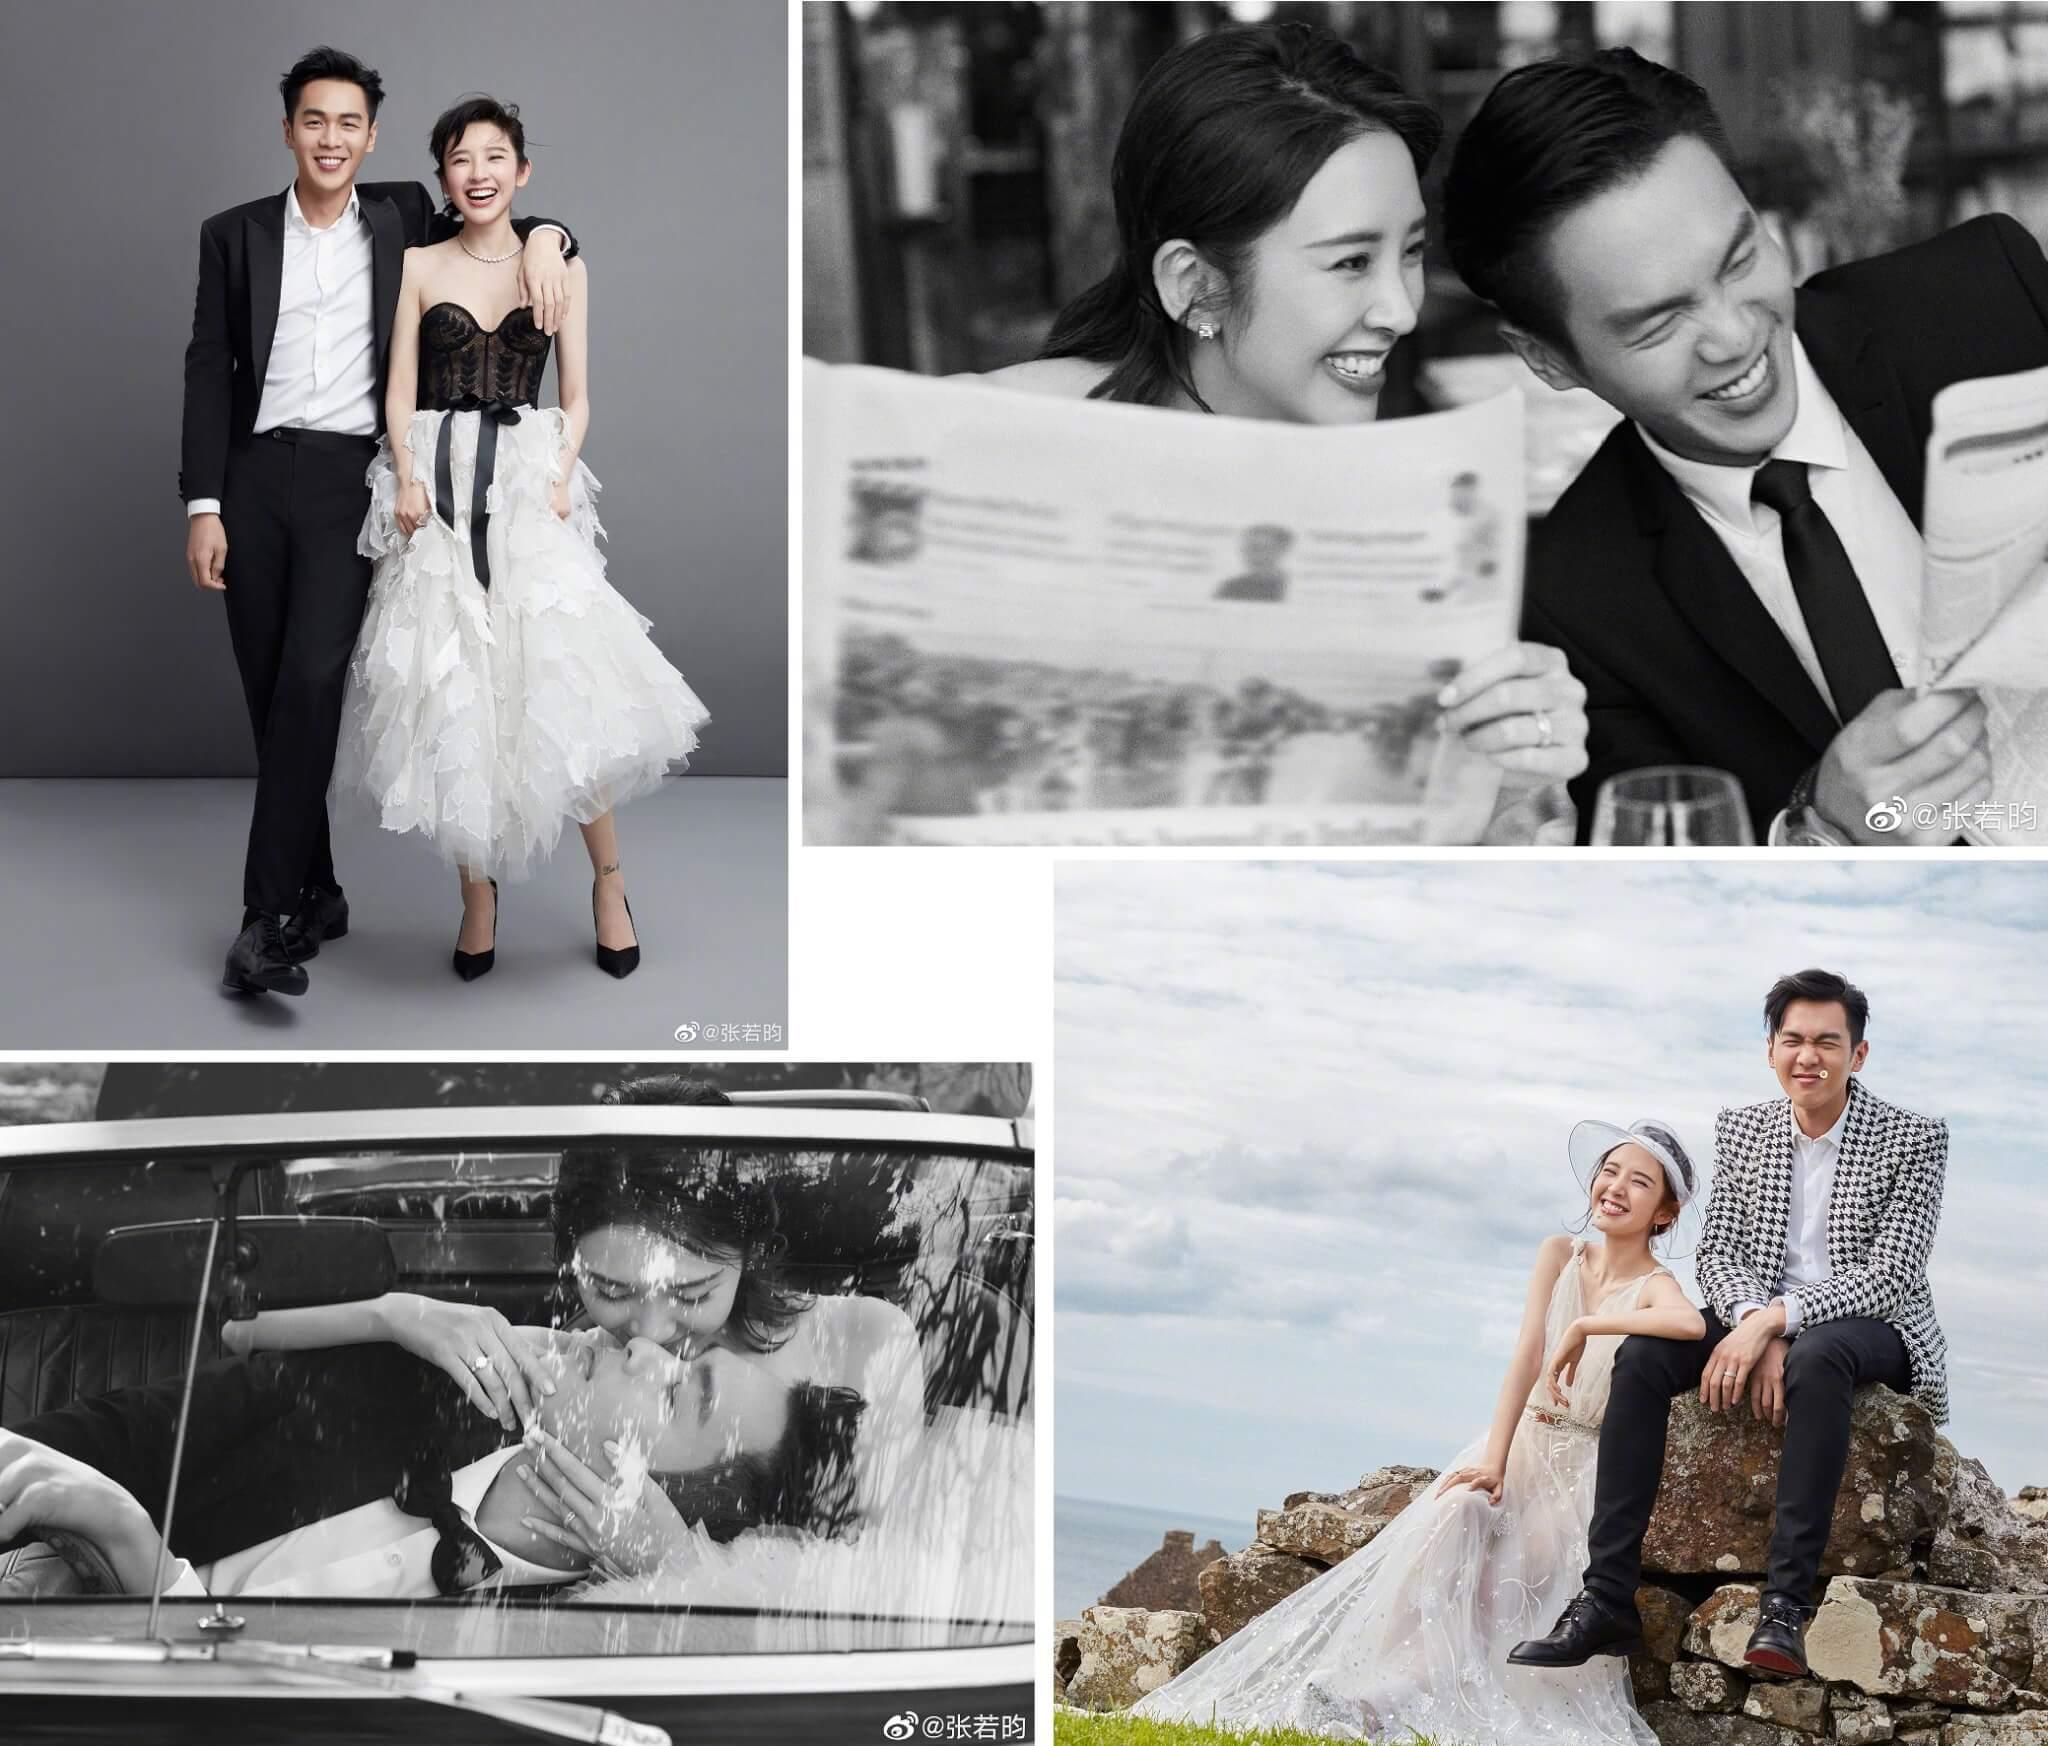 張若昀與唐藝昕去年六月底結束九年愛情長跑,於愛爾蘭一座古堡內舉行婚禮,在微博上載婚照時深情寫道:「就這樣笑一輩子吧。」